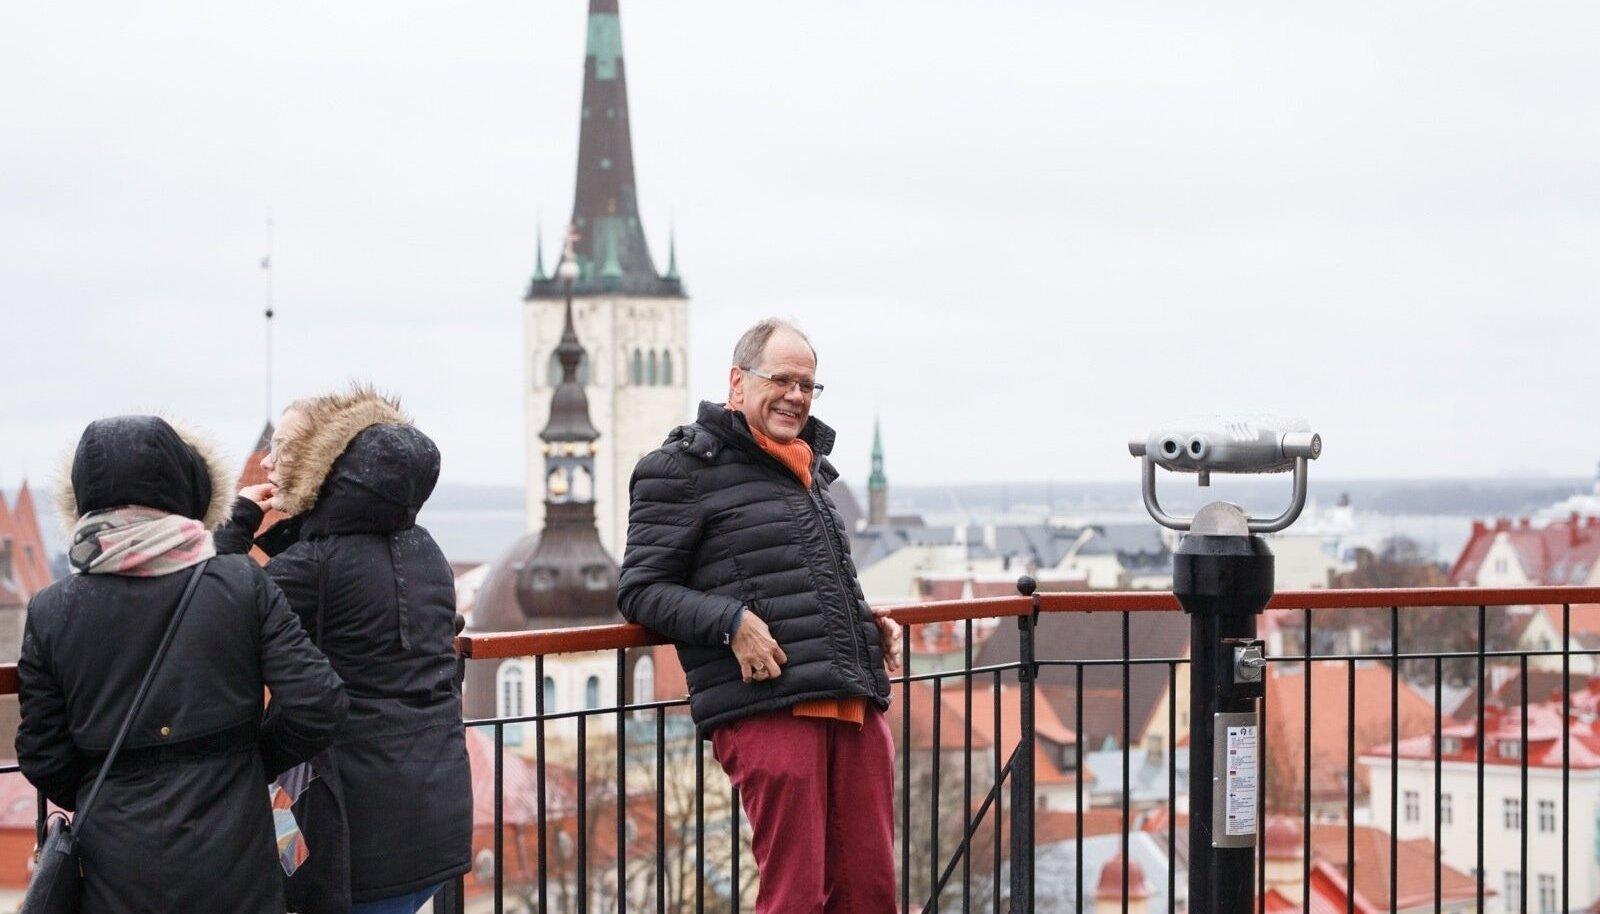 Sageli Tallinna külastav ajaloolane Seppo Zetterberg usub, et soomlaste ja eestlaste side on tugevam kui kunagi varem.